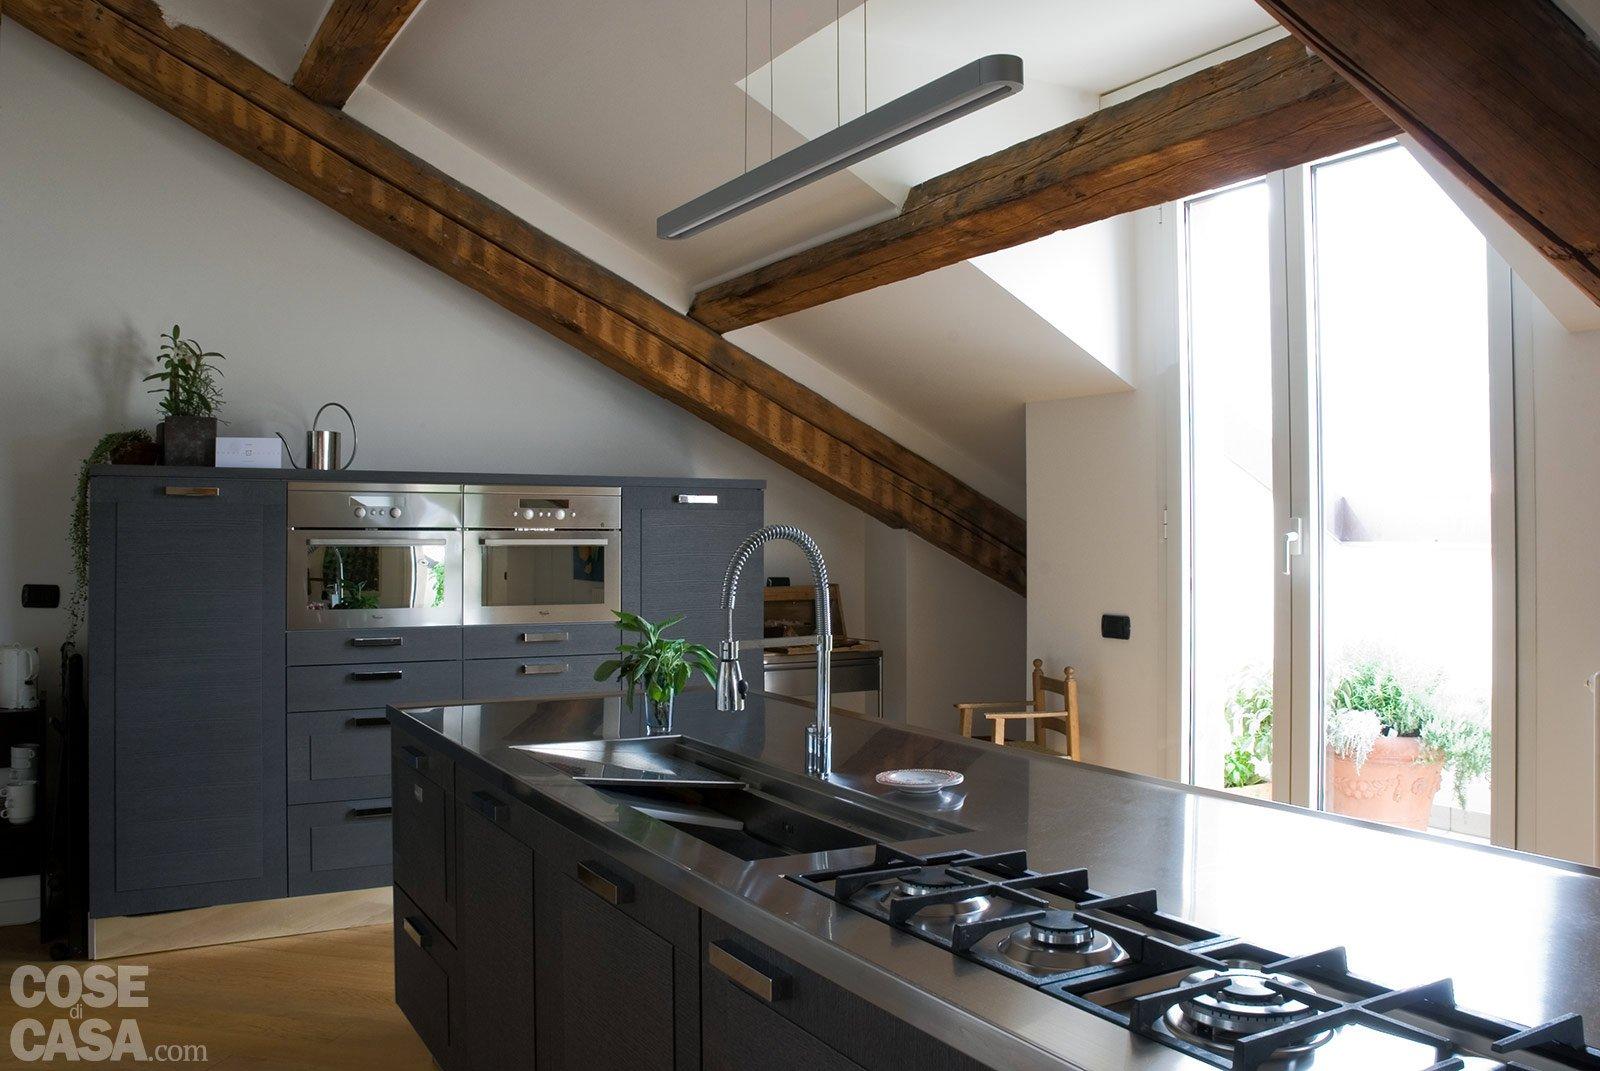 Sottotetto una casa con travi a vista cose di casa for Illuminazione travi a vista